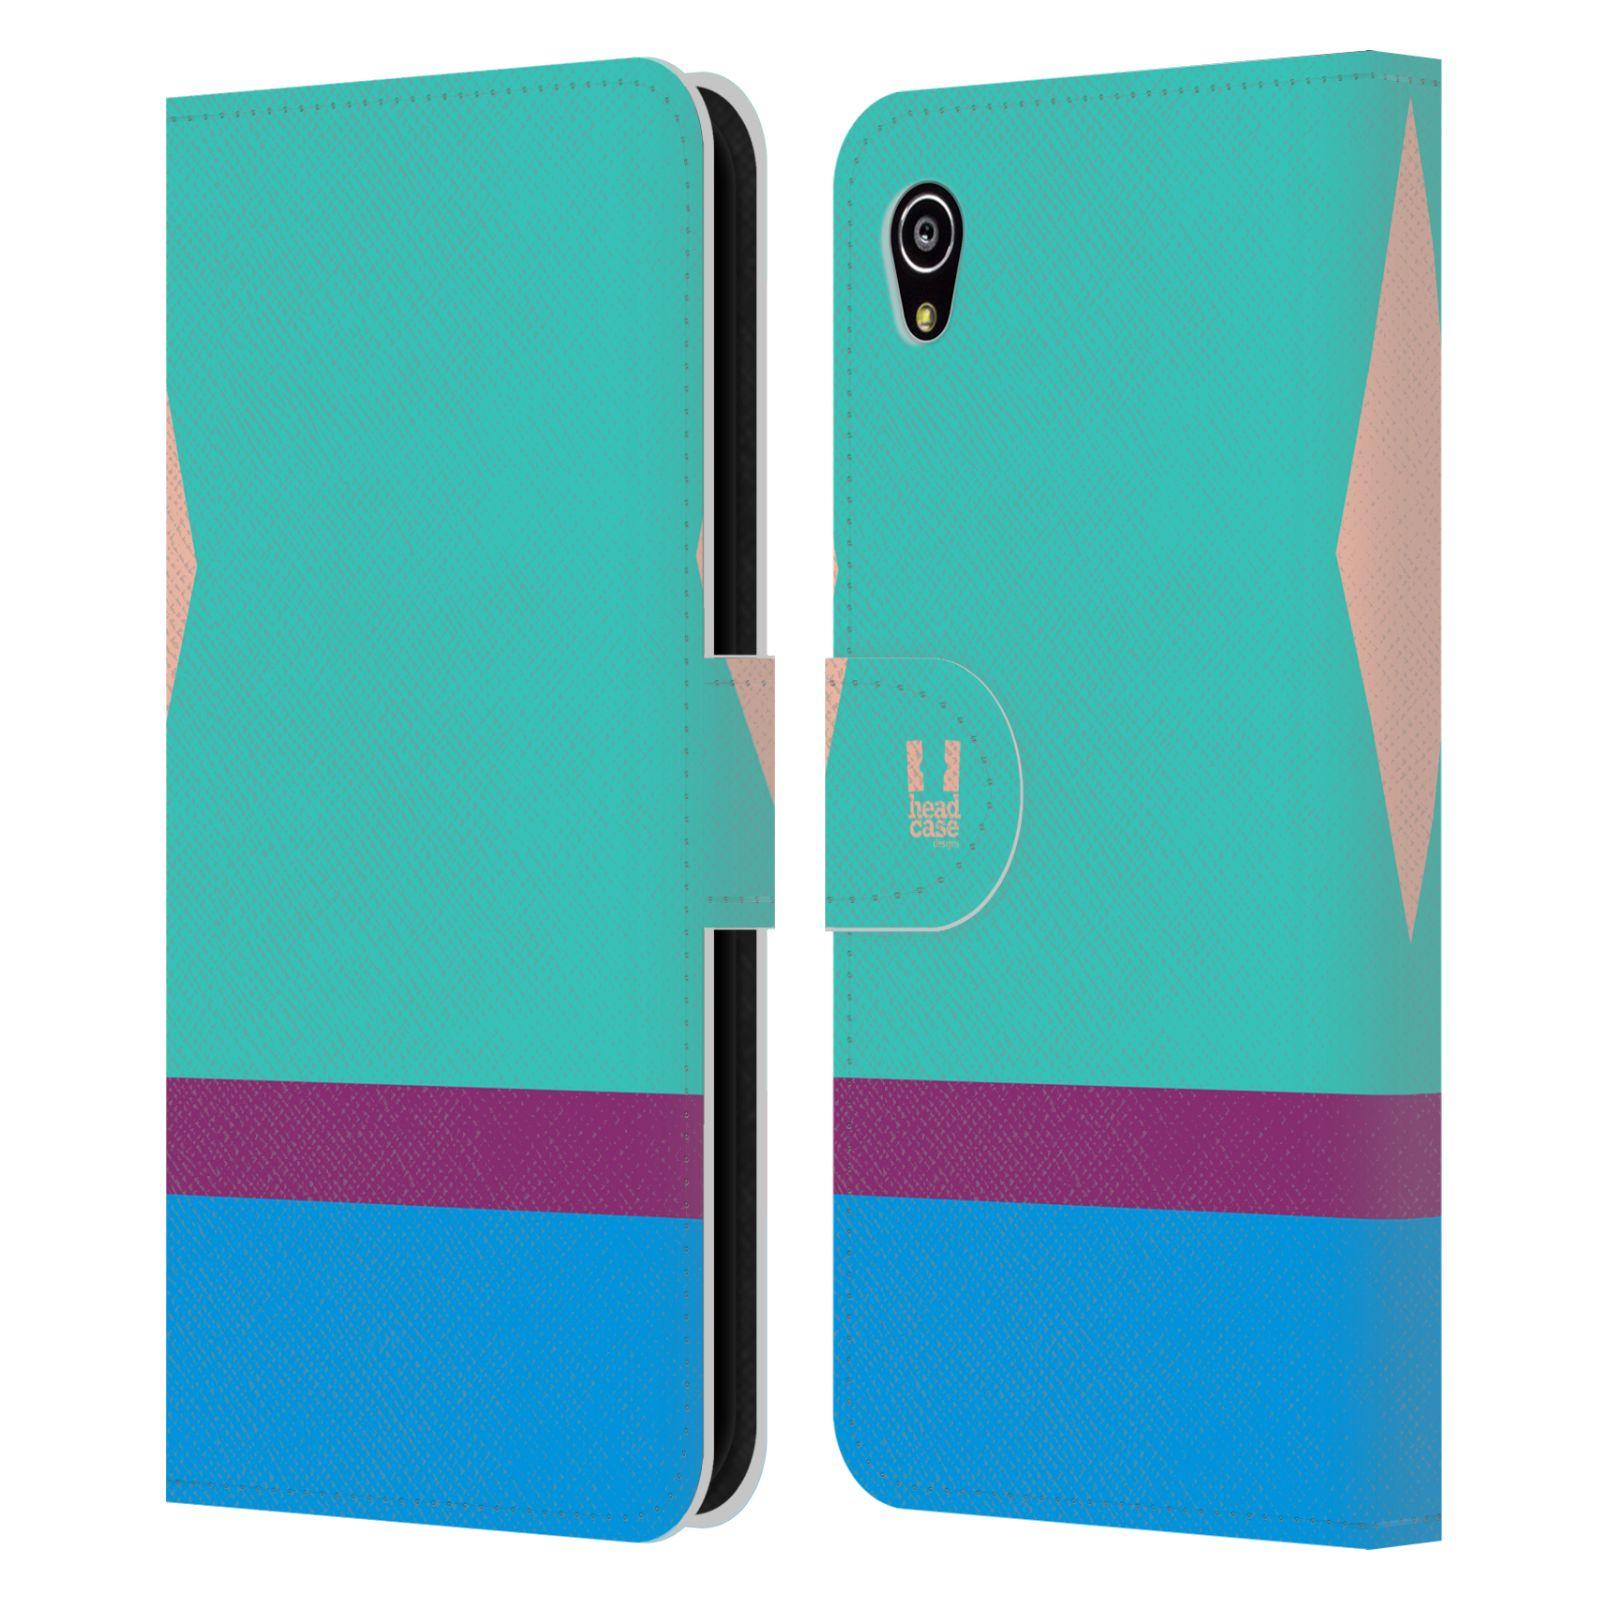 HEAD CASE Flipové pouzdro pro mobil SONY Xperia M4 Aqua barevné tvary modrá a fialový pruh